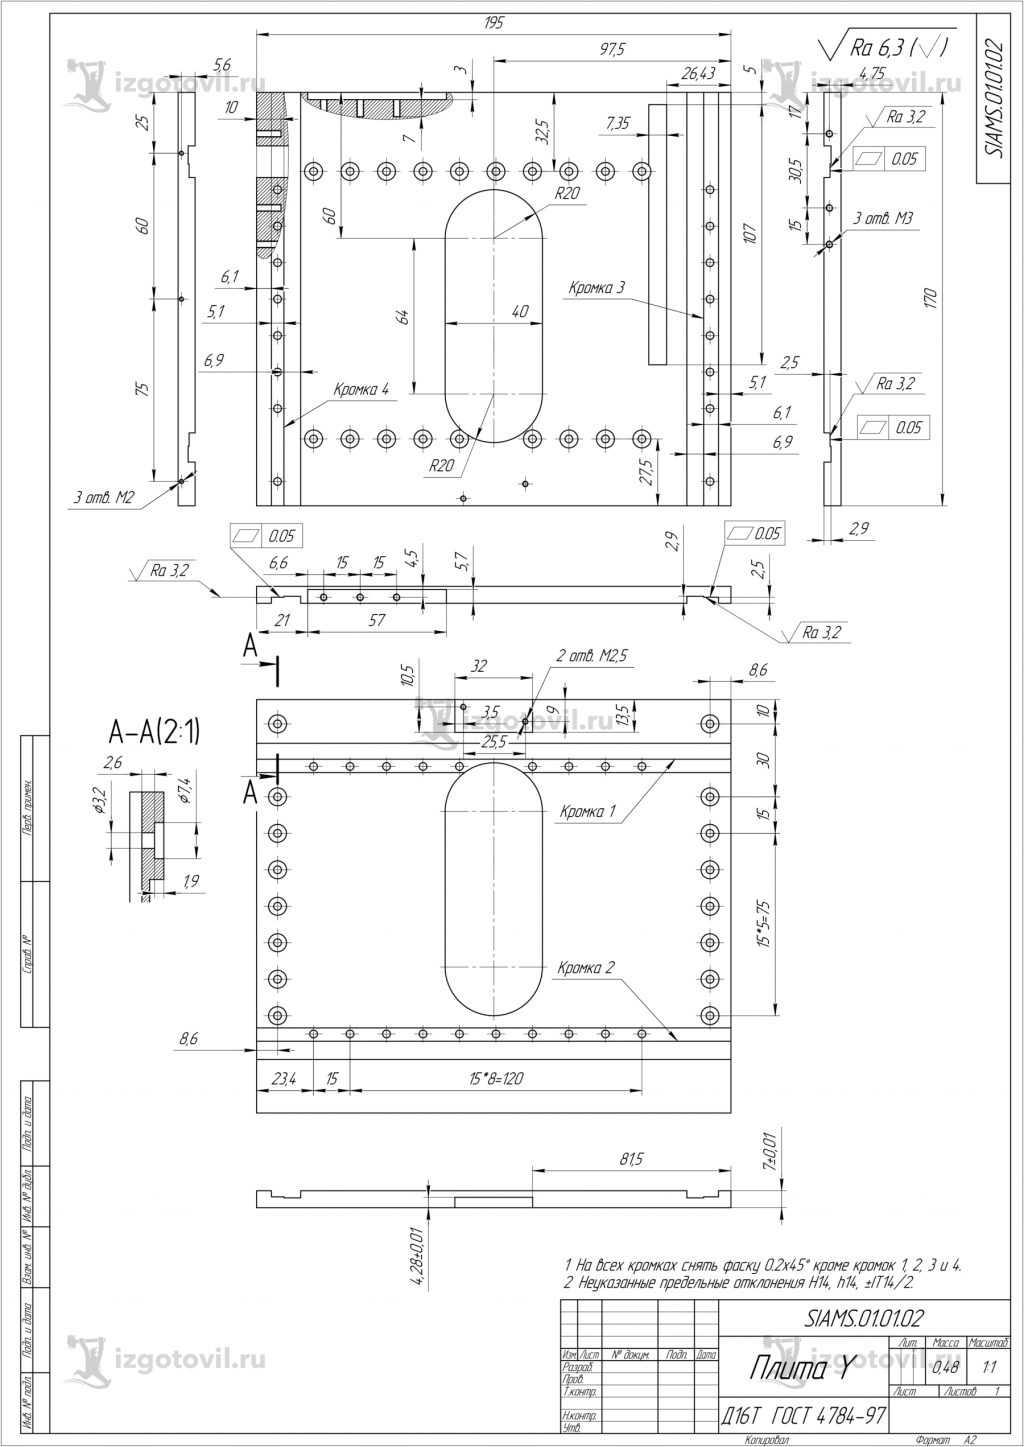 Токарно-фрезерная обработка (детали